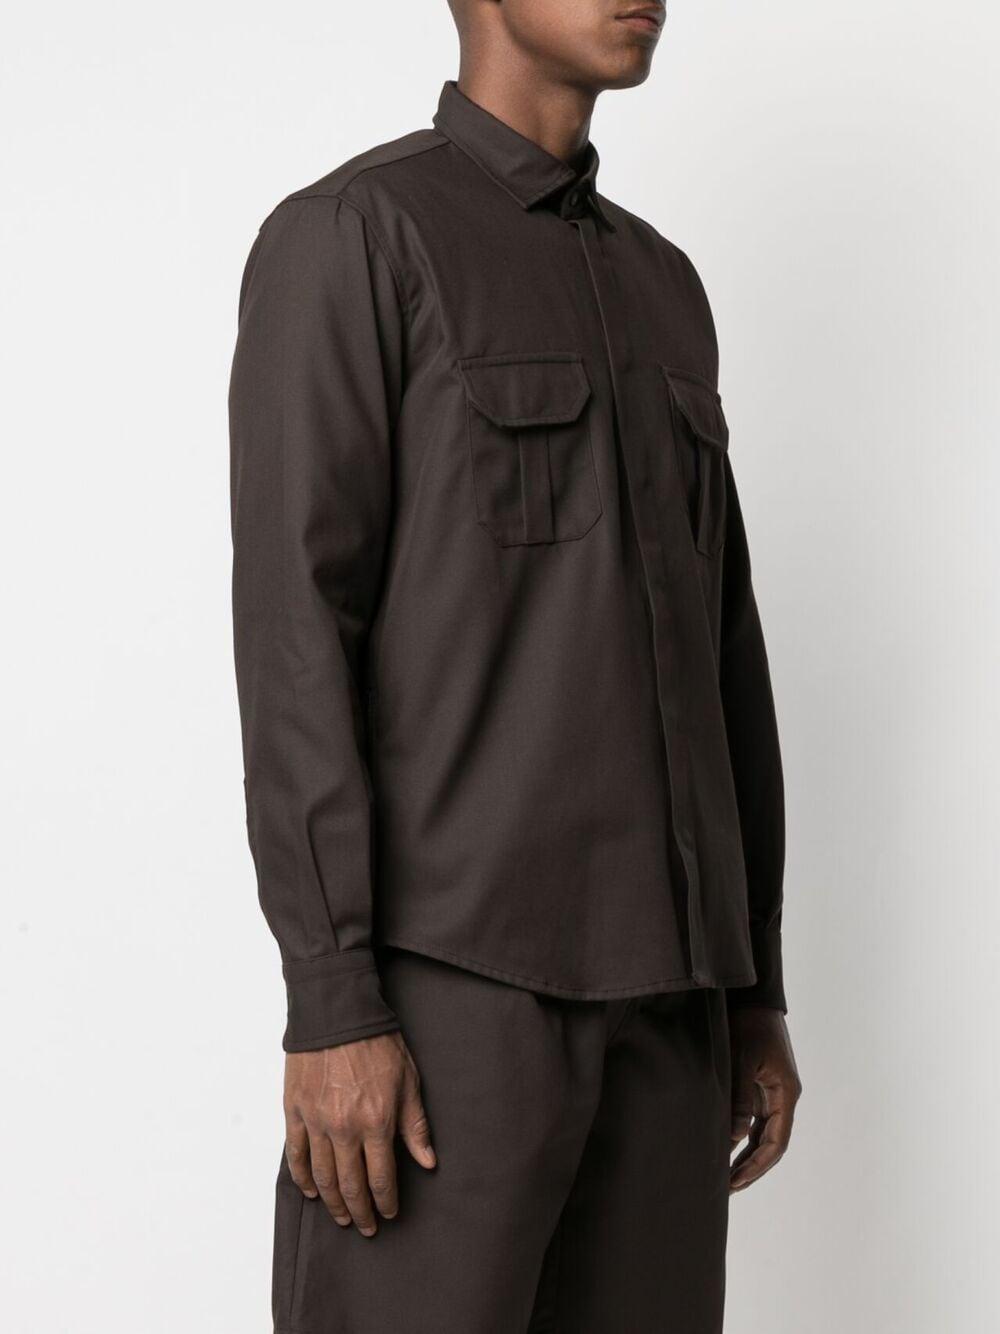 Gr10K camicia a due tasche uomo marrone scuro GR10K | Camicie | GR008SOIL BROWN